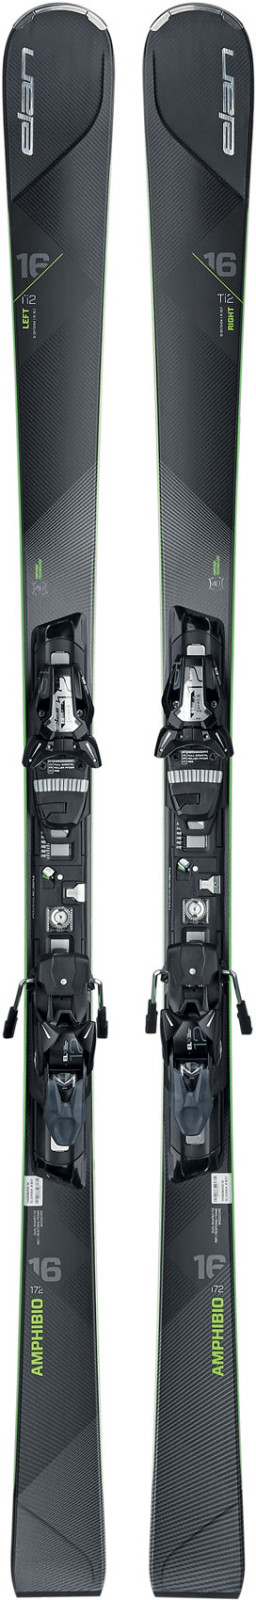 Elan Amphibio 16 TI2 Fusion + ELX 12